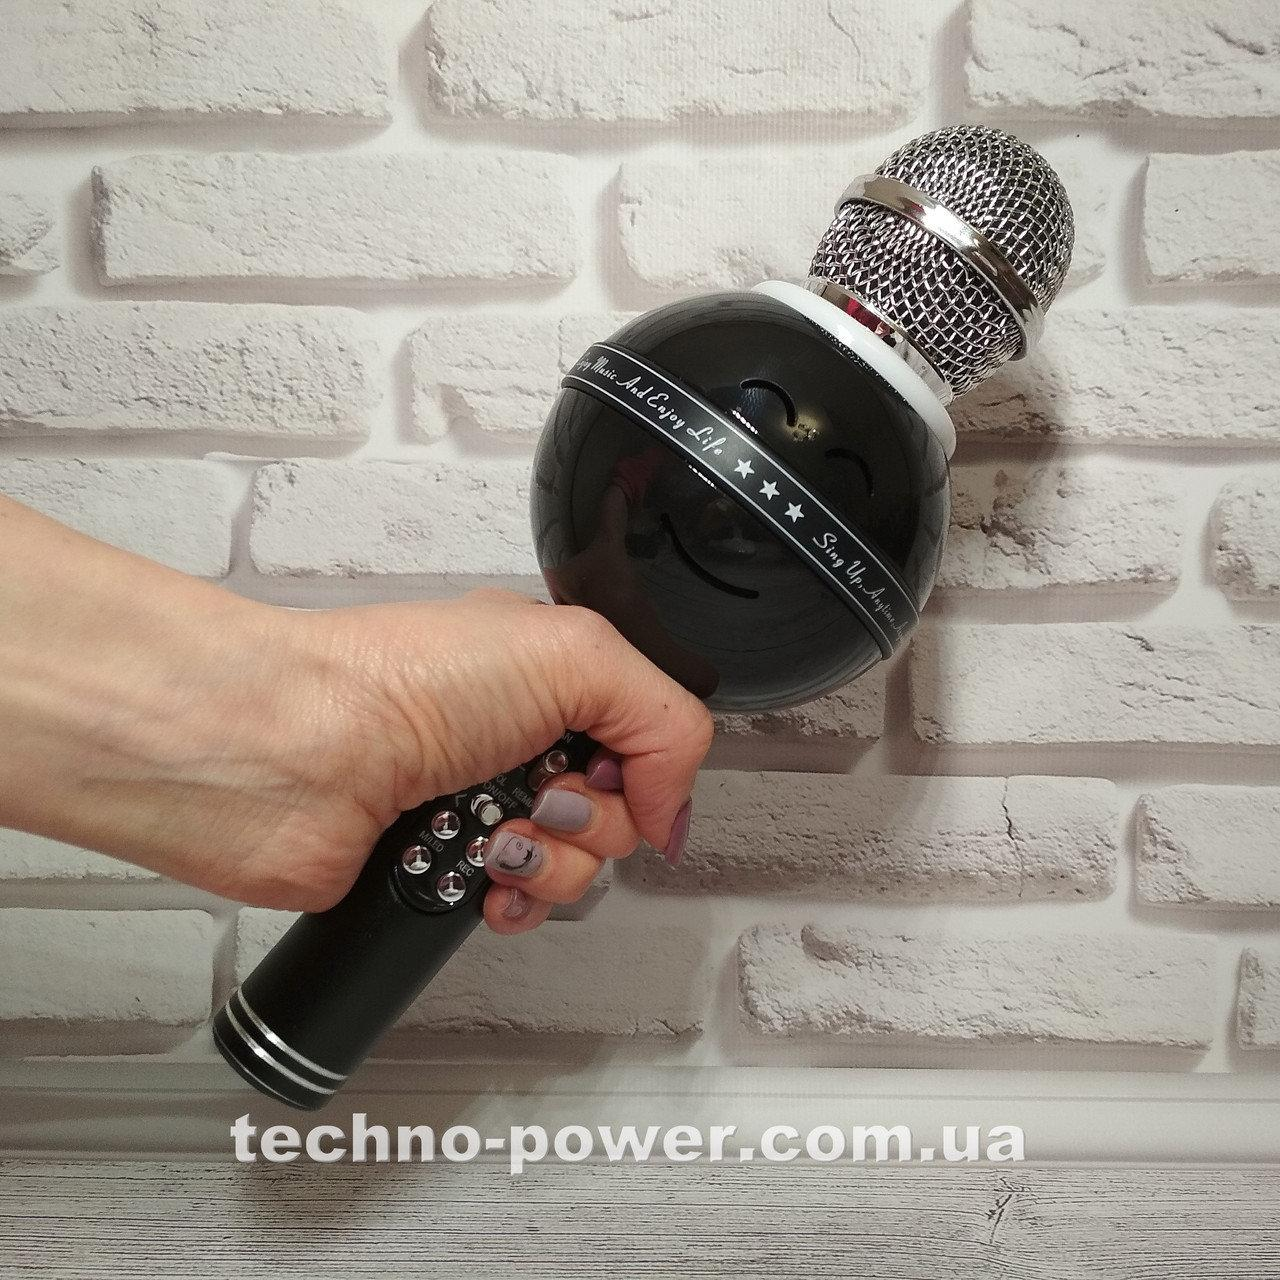 Портативный караоке-микрофон WS-878 с подсветкой